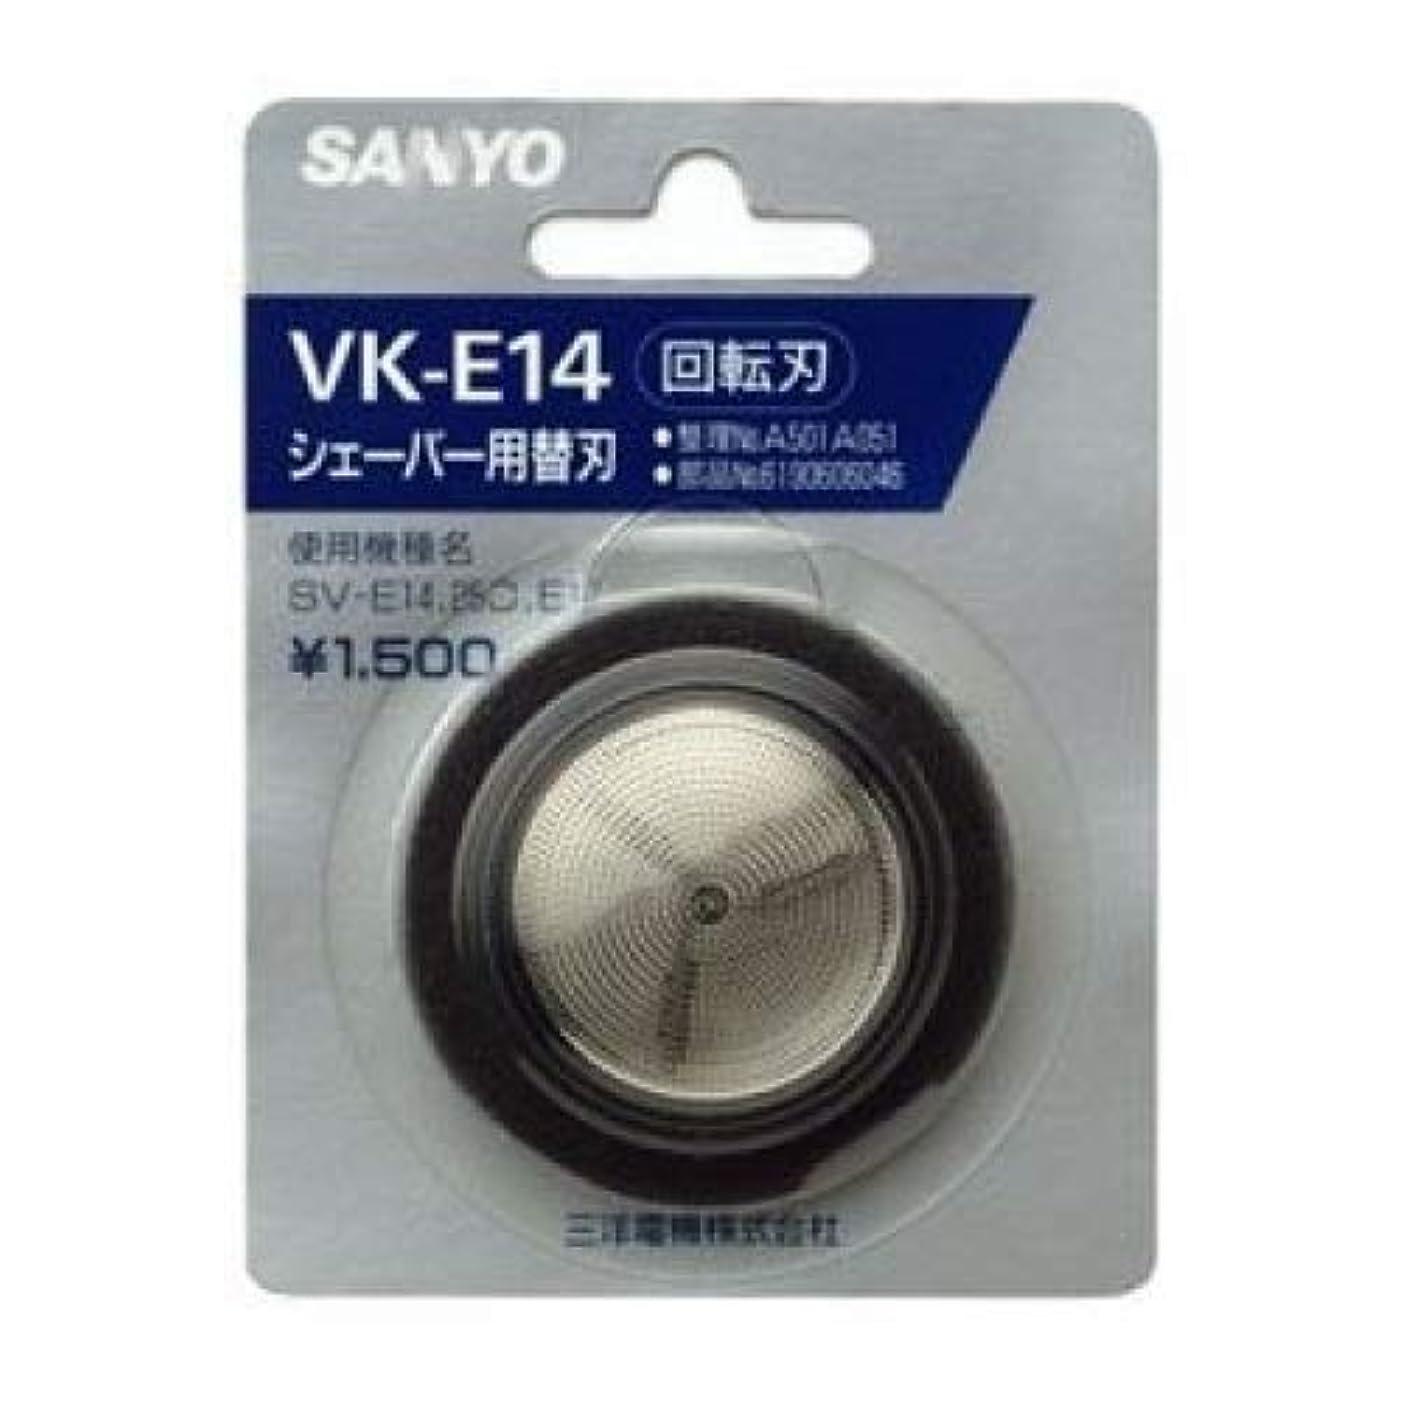 押し下げる傘固執SANYO シェーバー用替刃 回転式 内?外刃セット KA-VK-E14